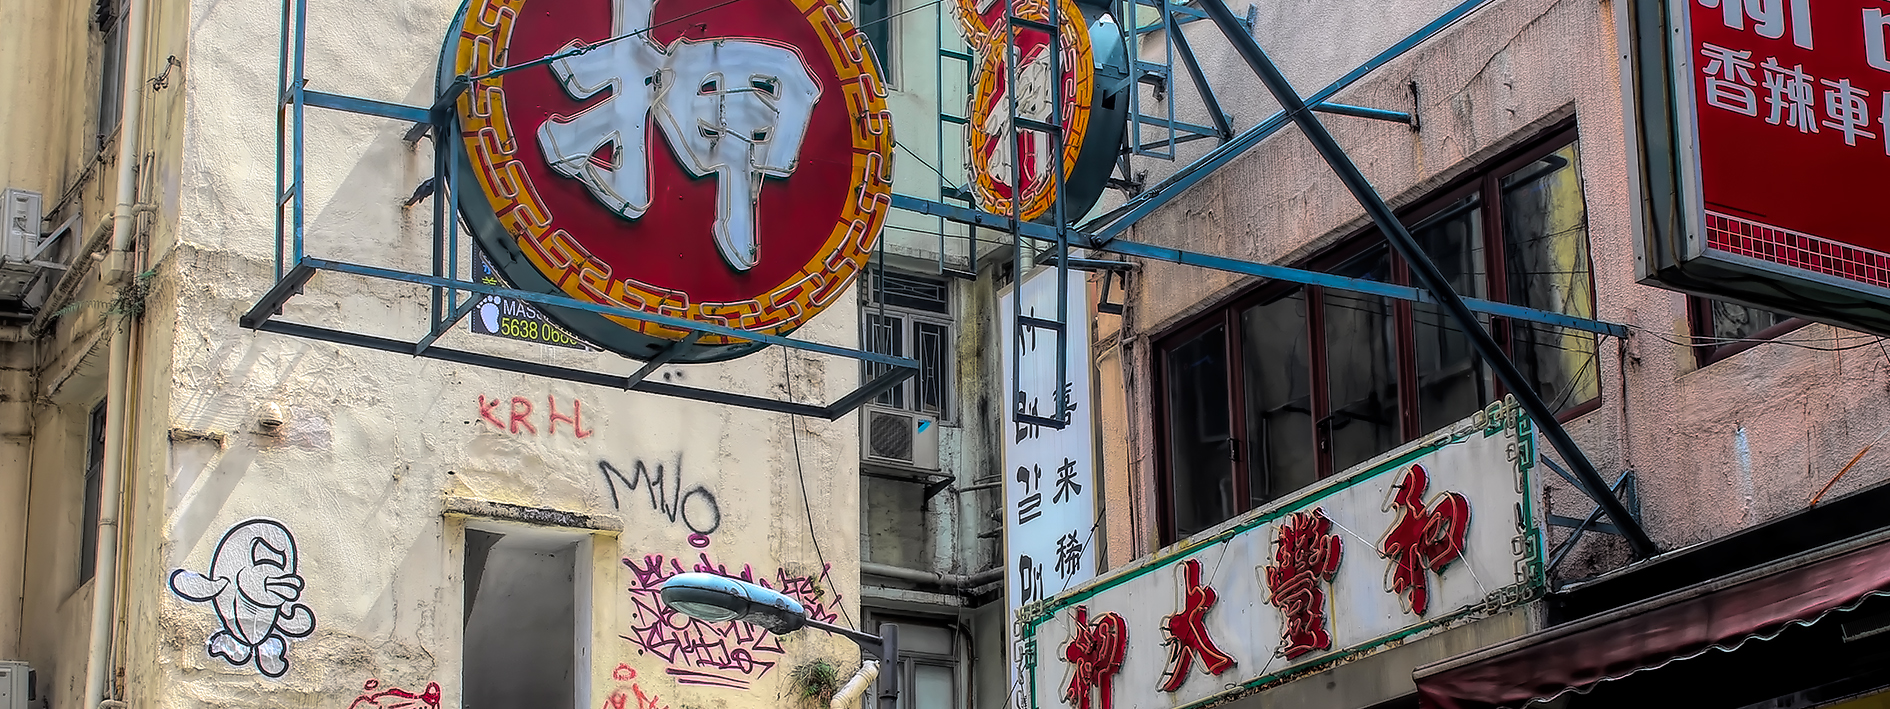 MERIOONE HONG KONG STREET POSTER STICKER